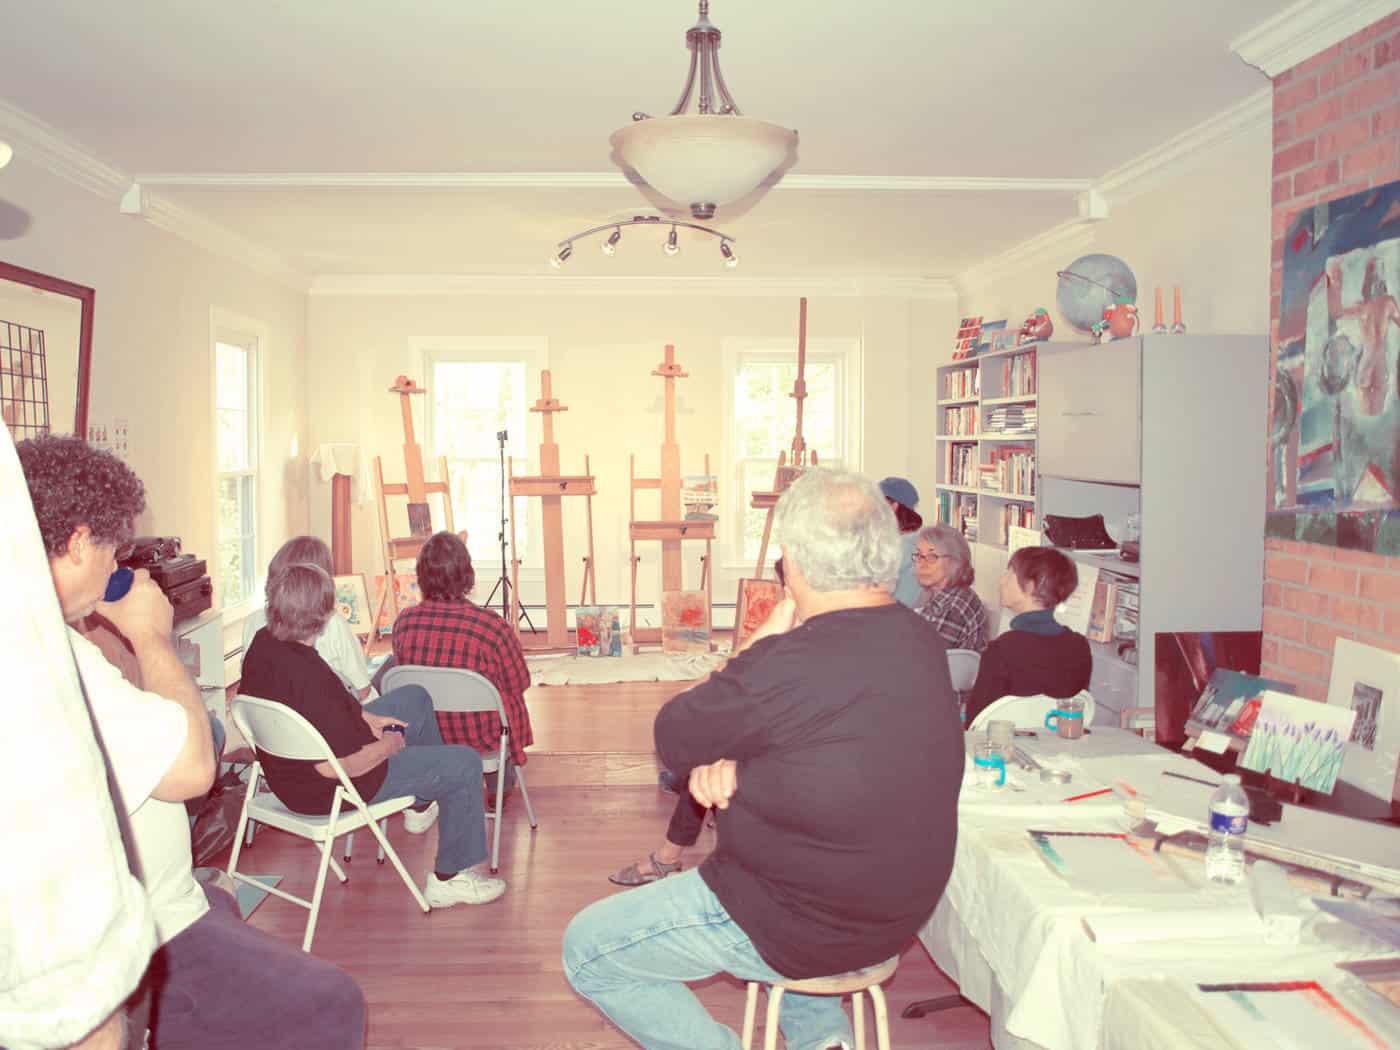 studio-discussion-art-retreat